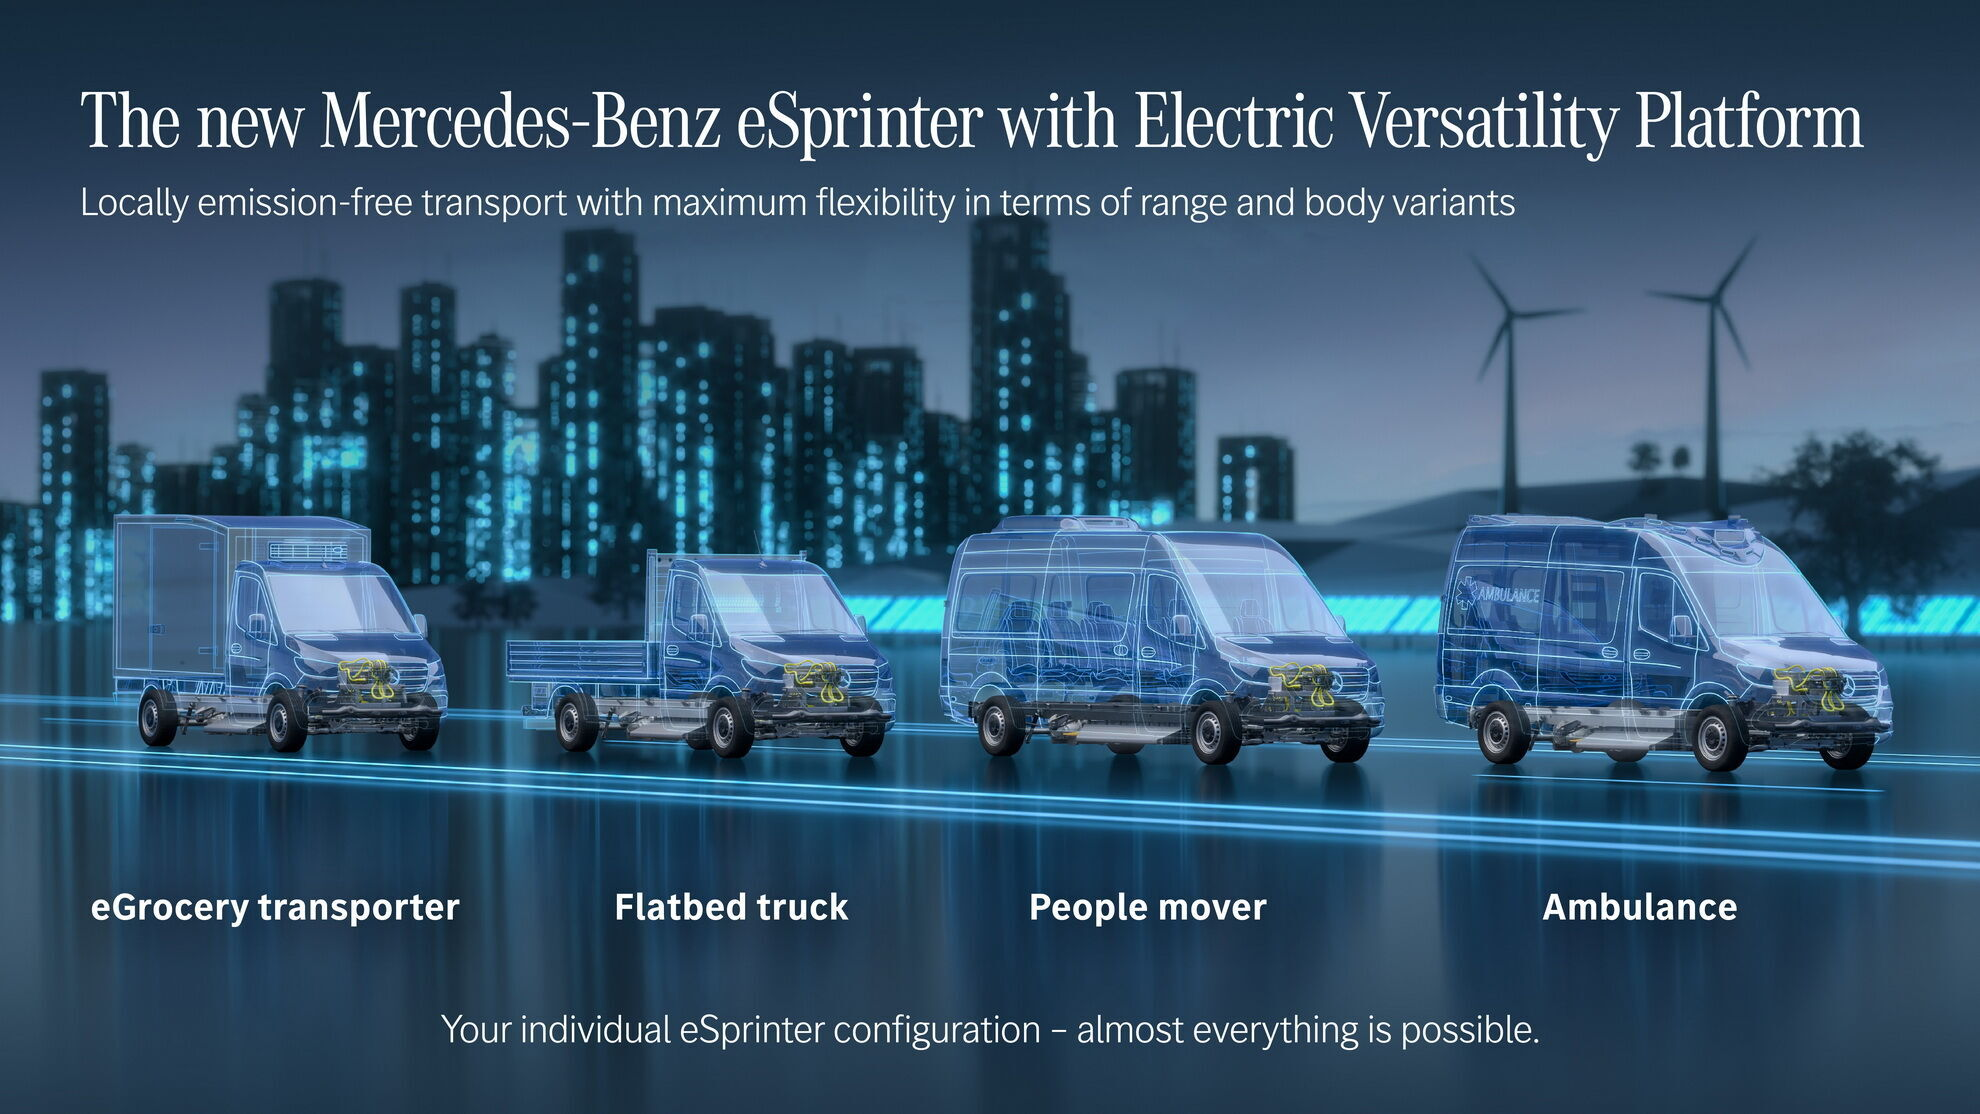 eSprinter послужит основой для создания широкой гаммы моделей, от шасси до цельнометаллического фургона и микроавтобуса